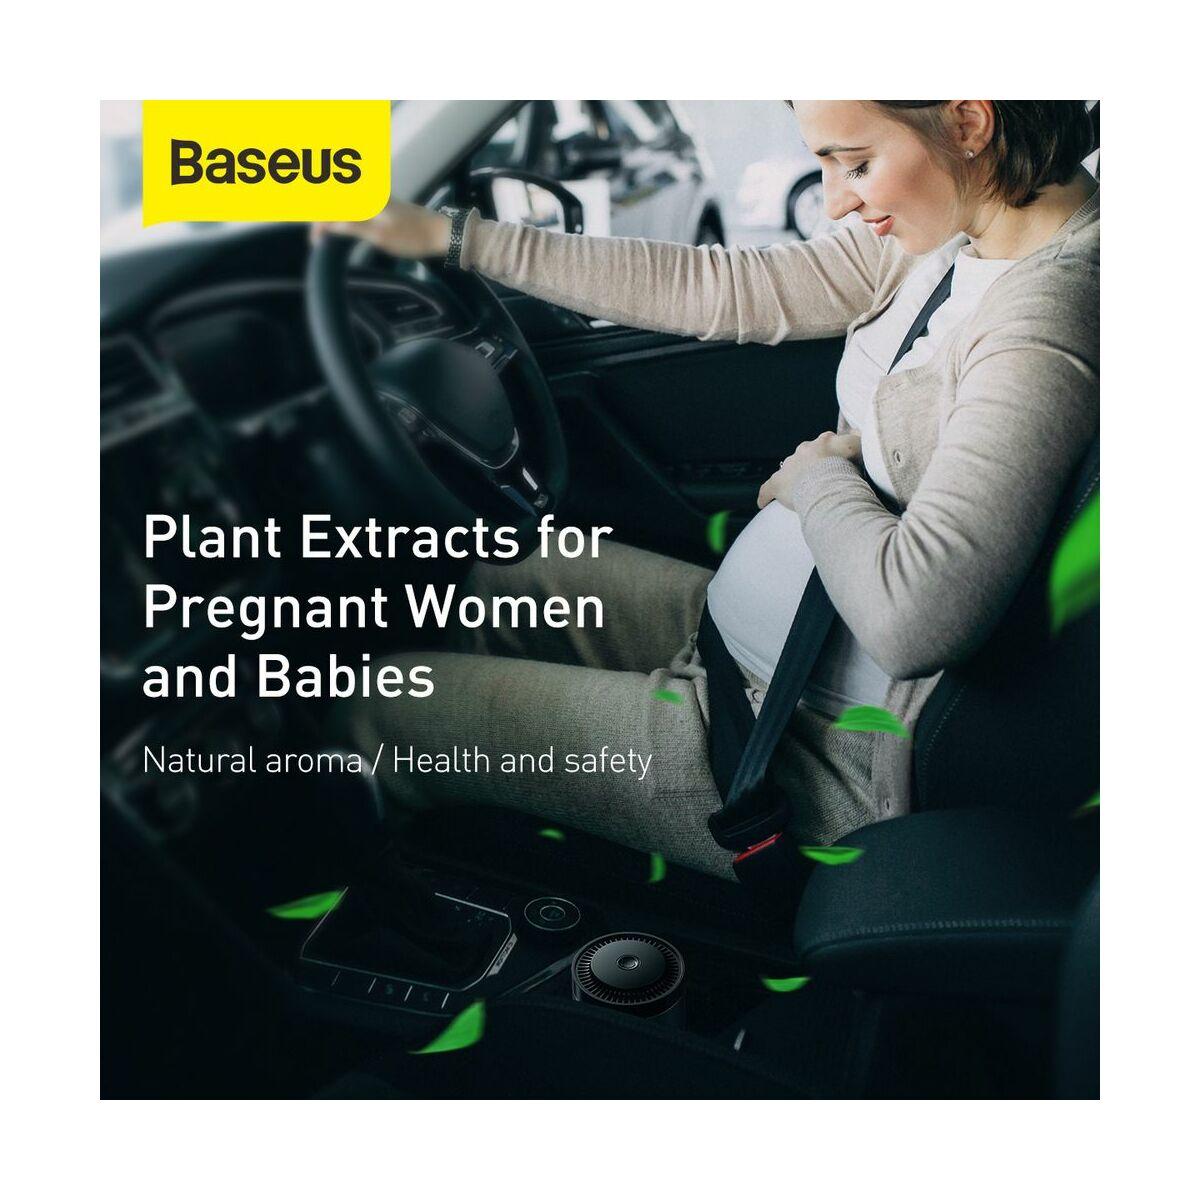 Baseus autós kiegészítő, Ripple pohártartóba való légfrisstiő, Cologne krém illattal, (Formaldehydes tisztító funkció), ezüst (SUXUN-BW0S)